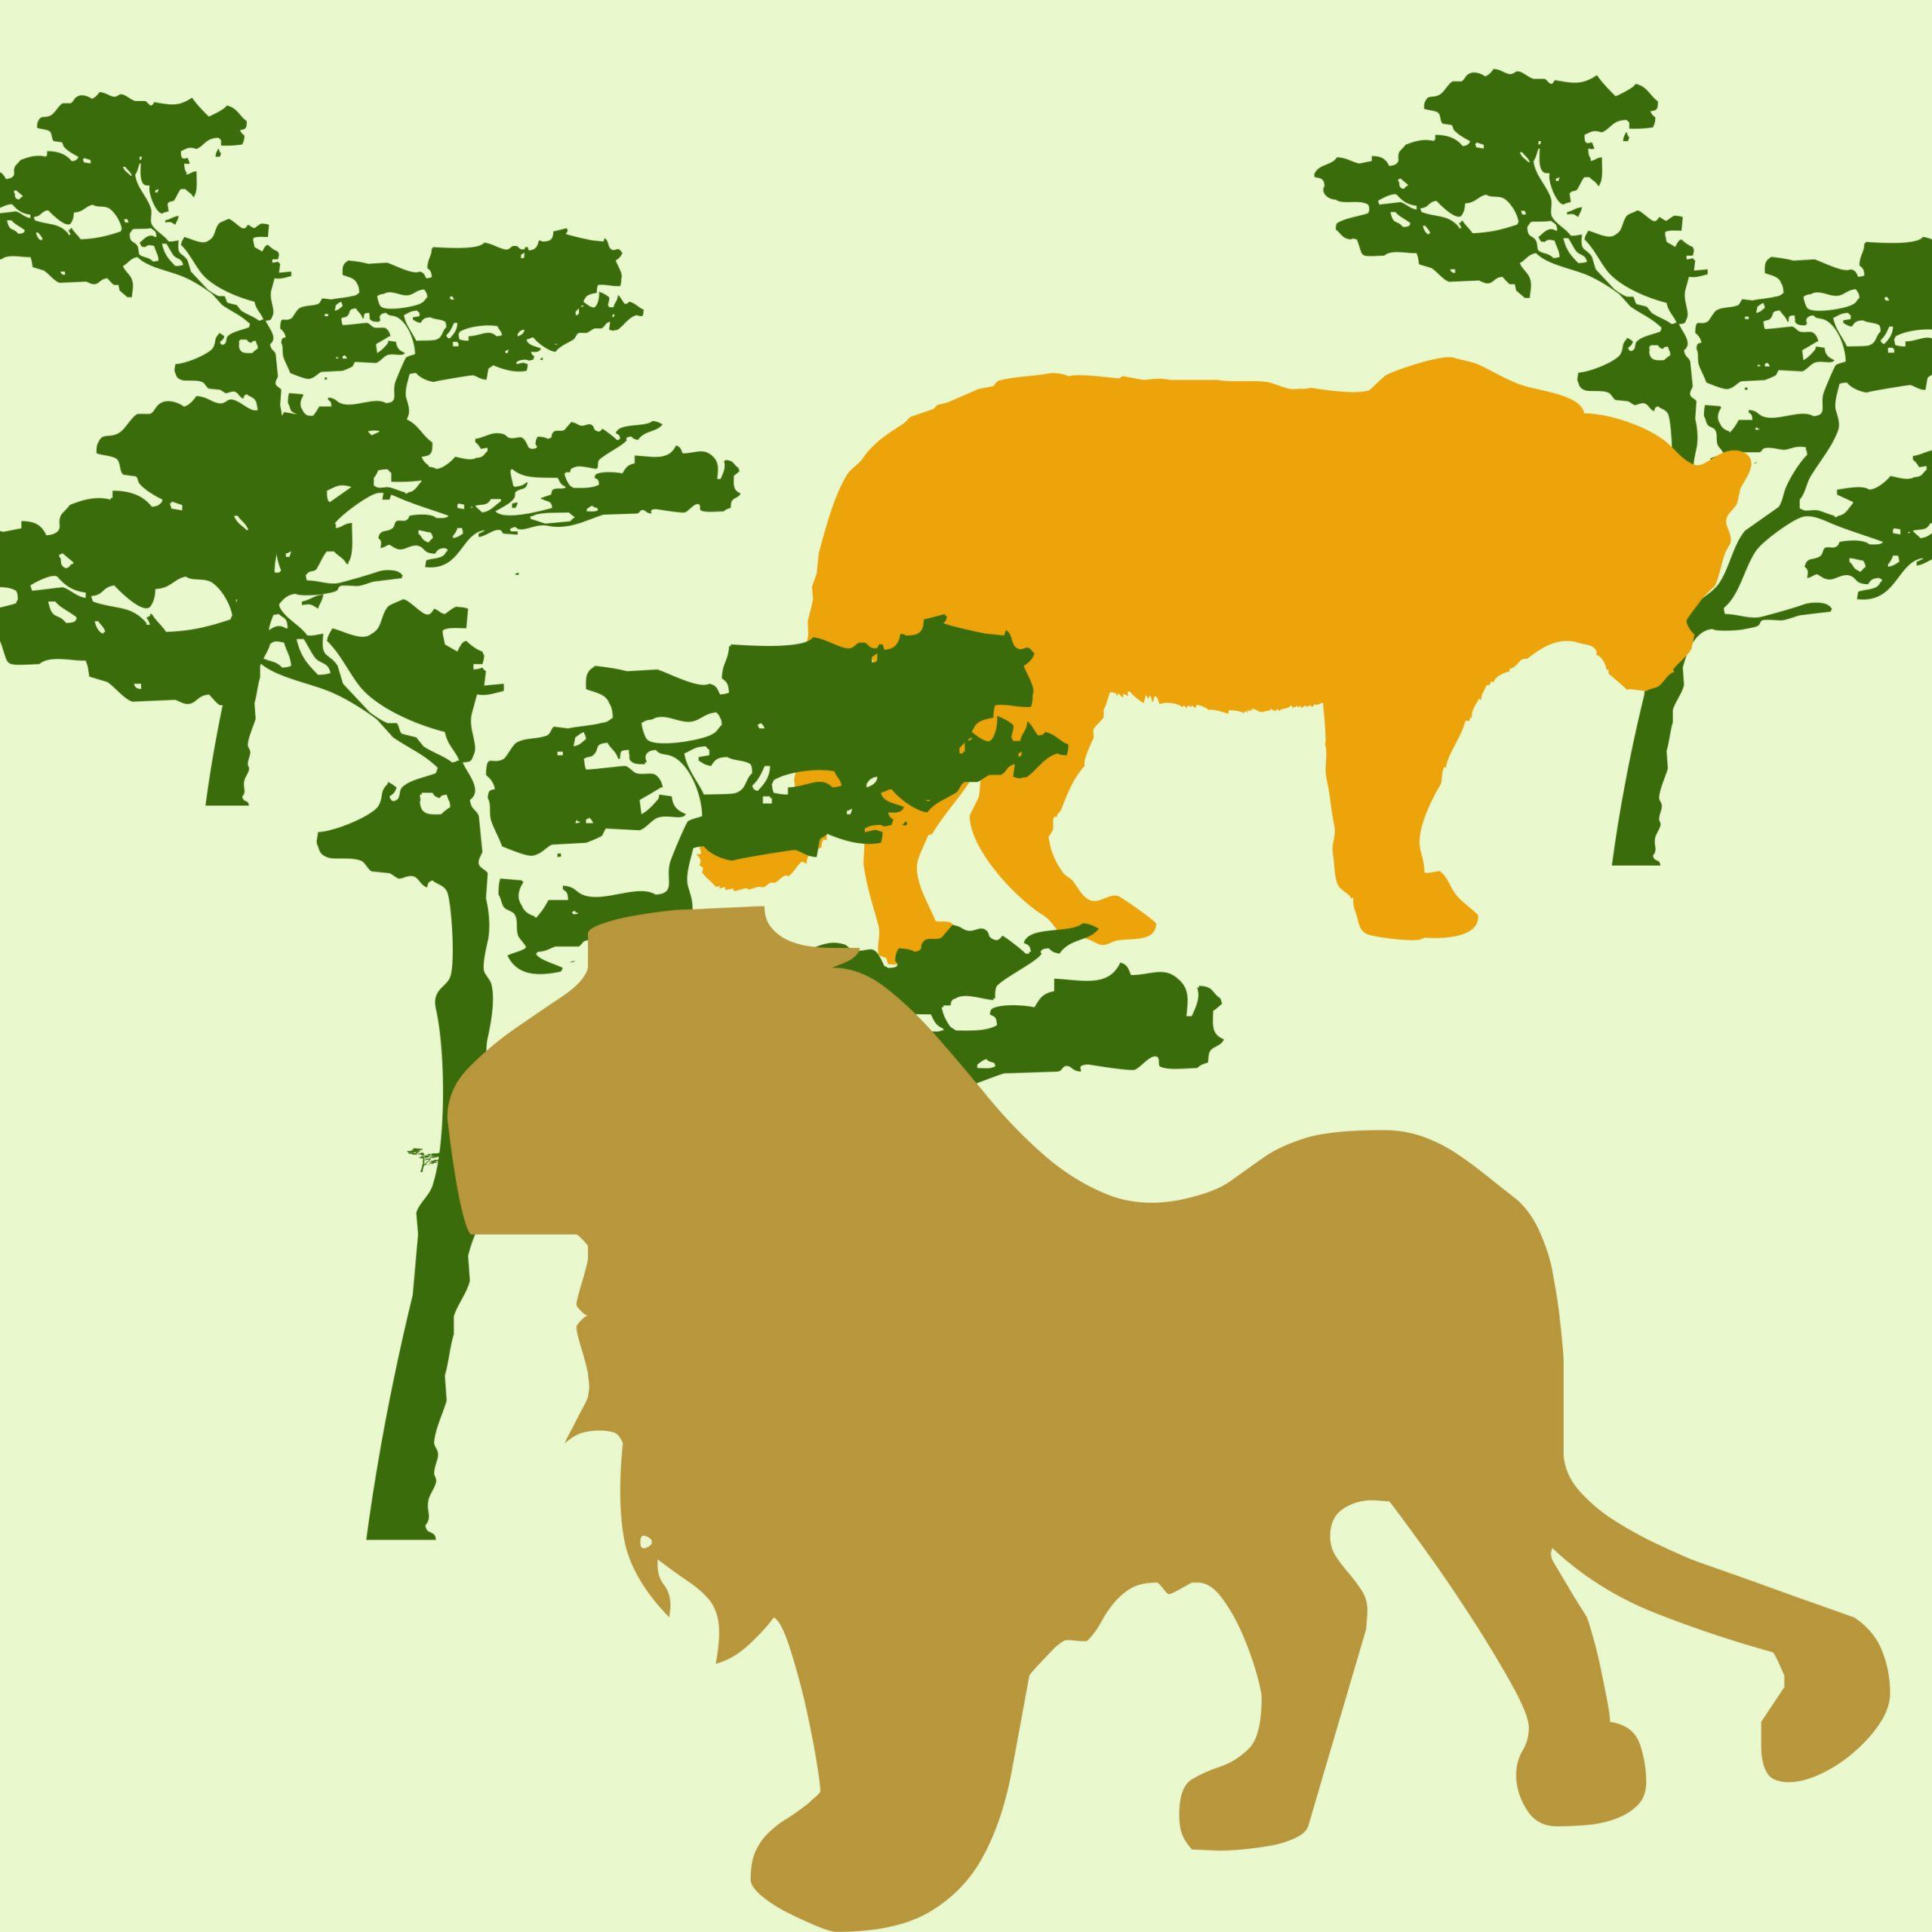 Lion and tiger illustration